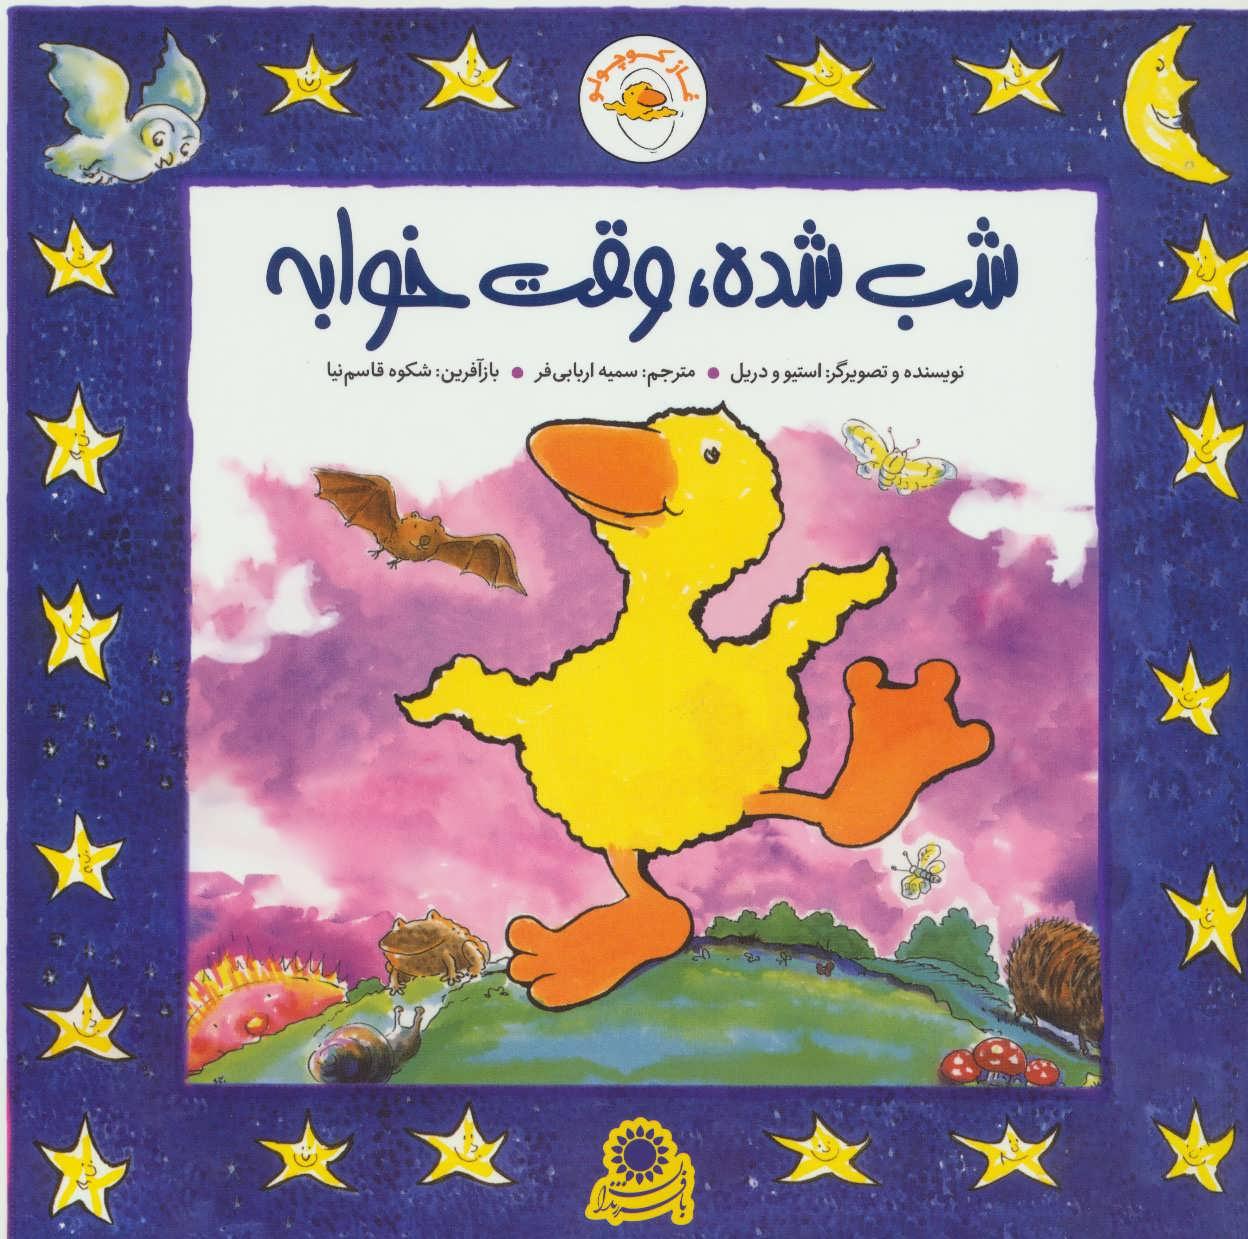 کتاب شب شده، وقت خوابه